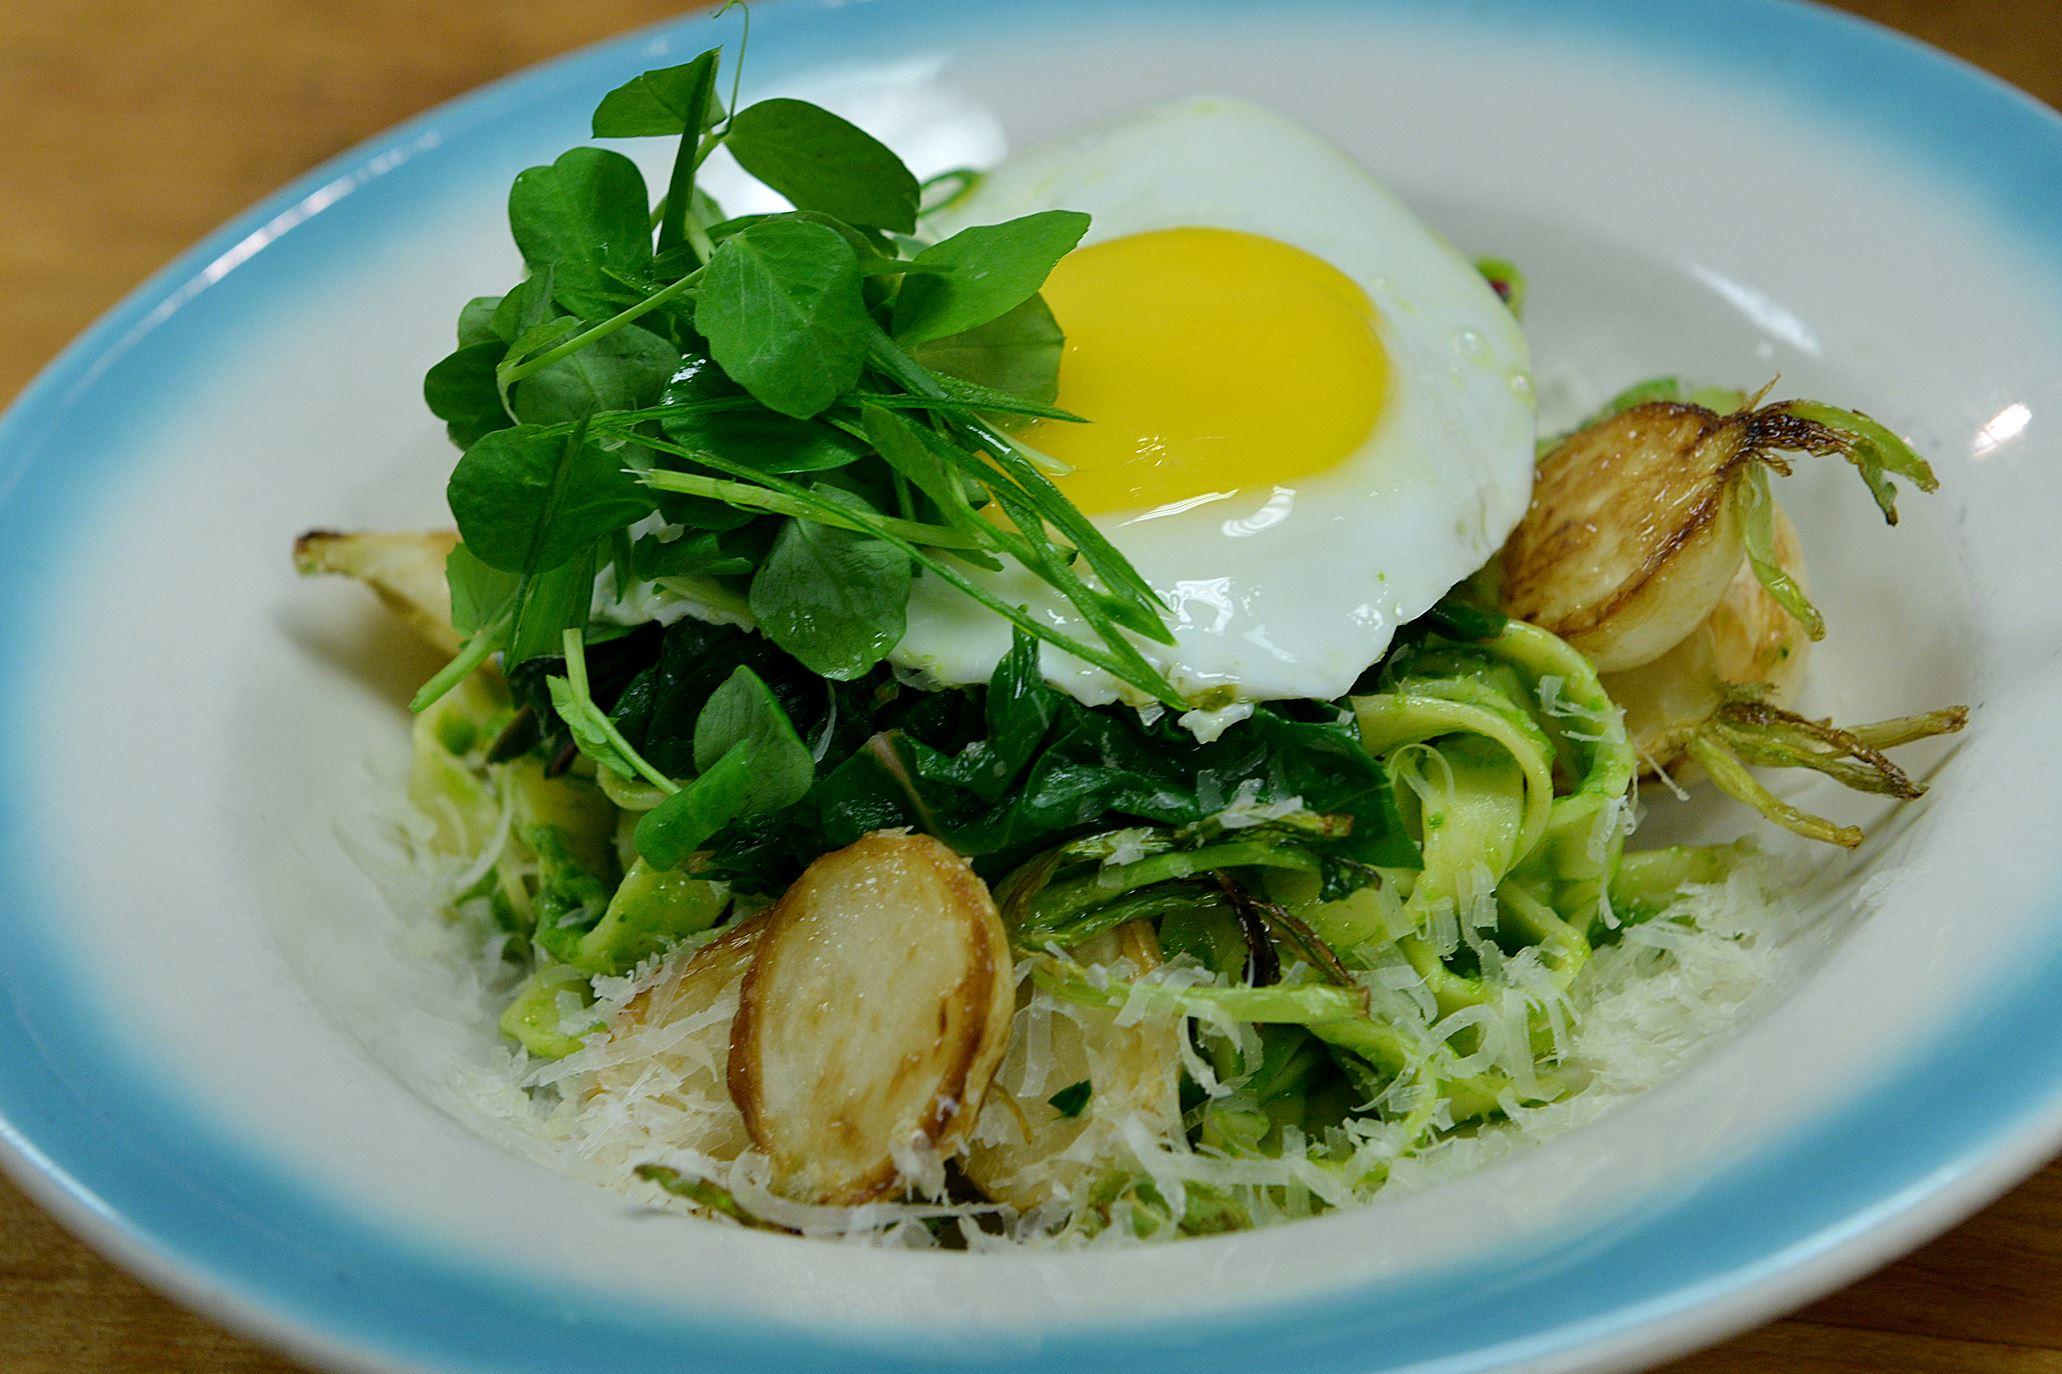 20140701lrlegumedine01 Spring onion pesto pasta at Legume restaurant in Oakland.